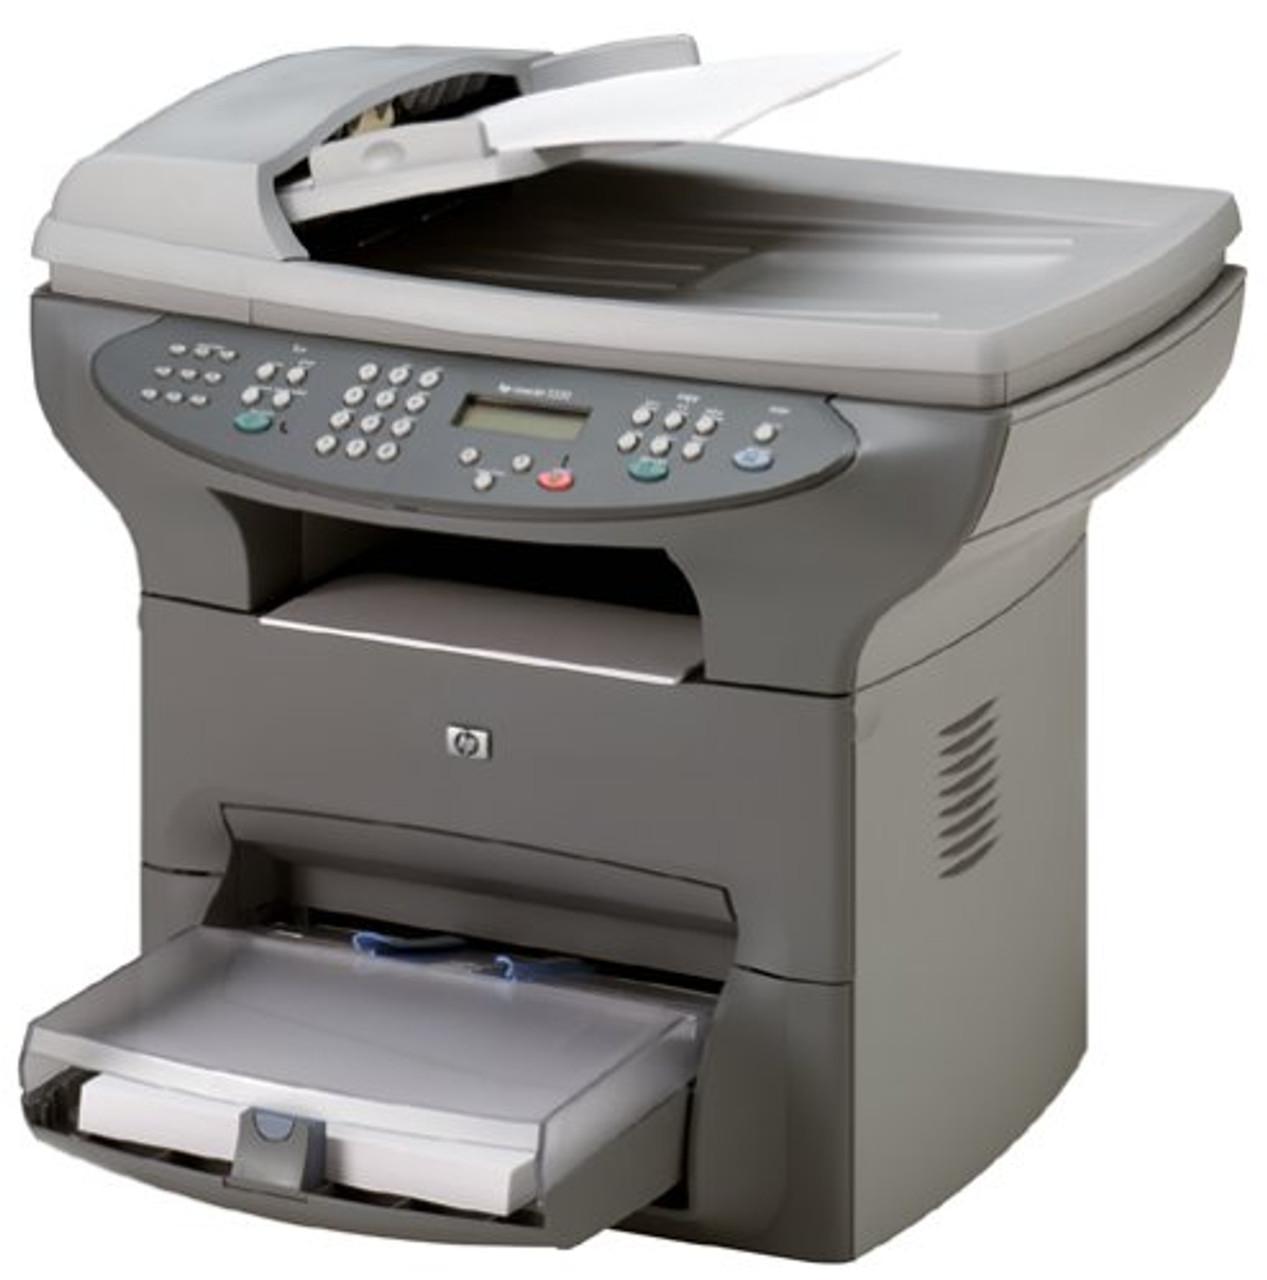 HP LaserJet 3330 MFP - C9126A - HP Laser Printer Copier Scanner Fax for sale